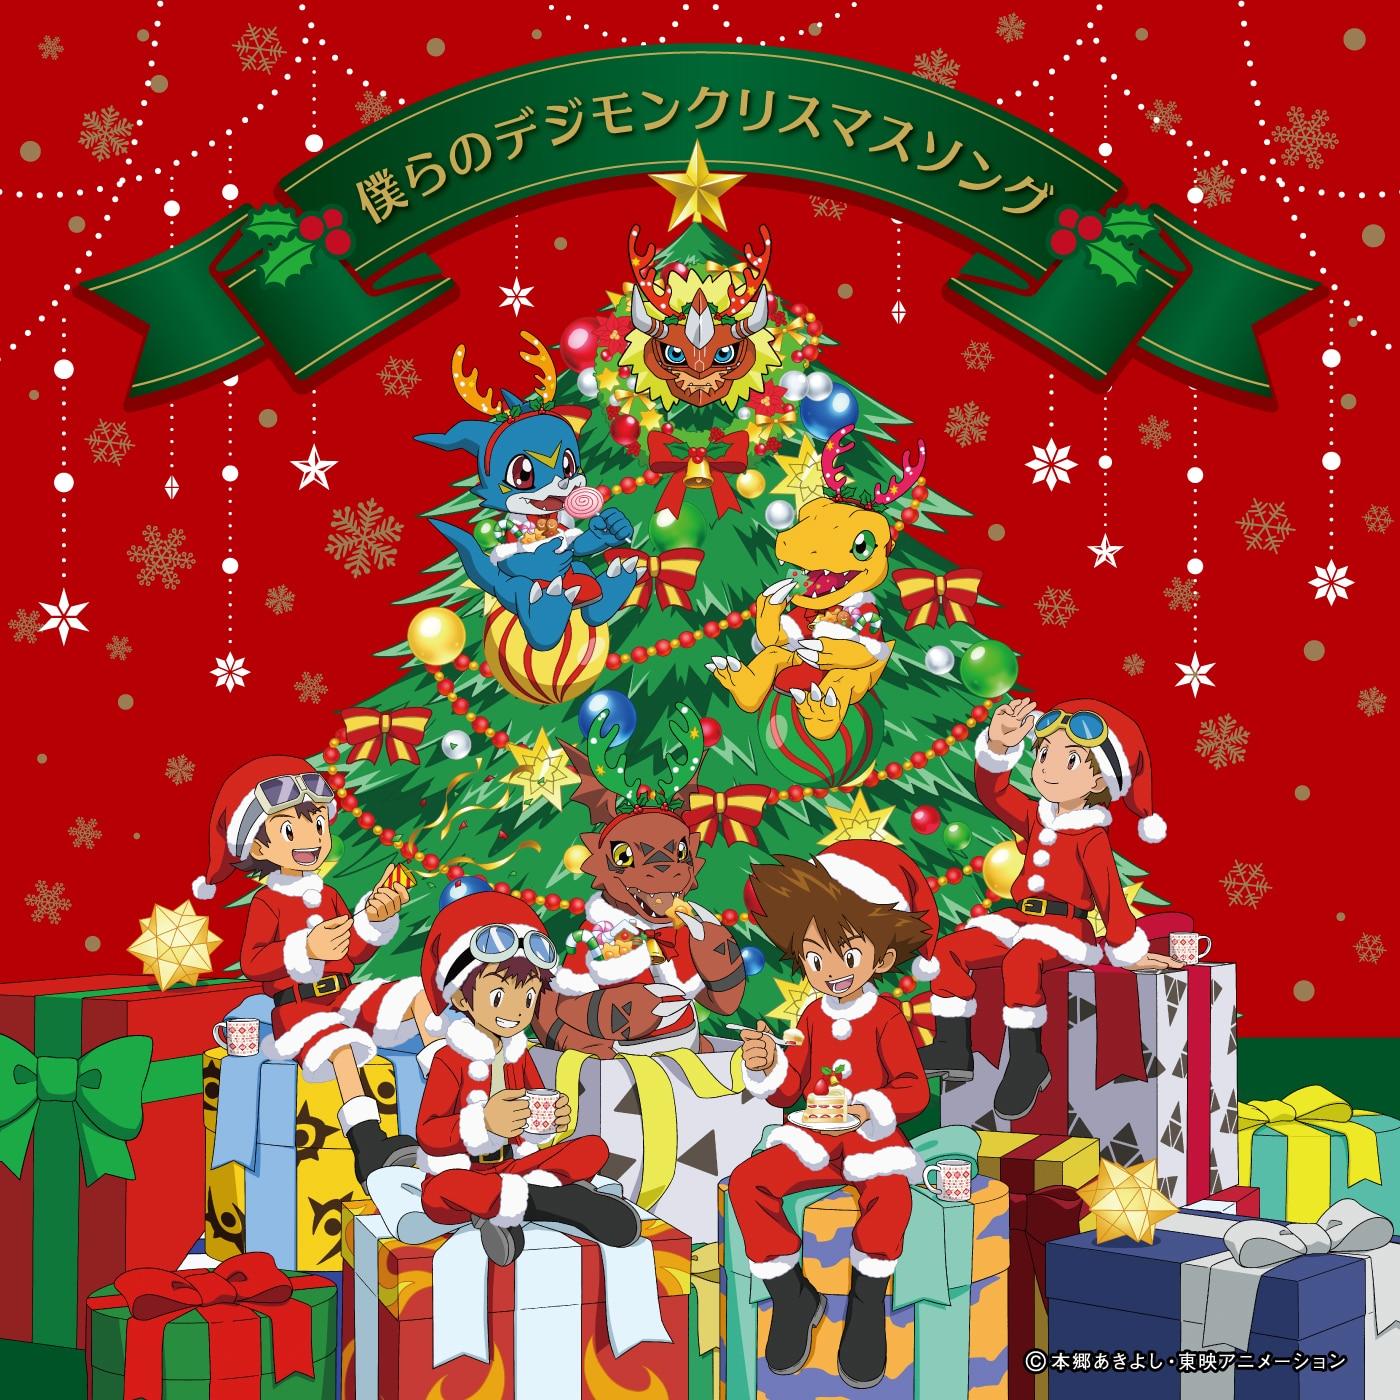 Bokura no Digimon Christmas Song